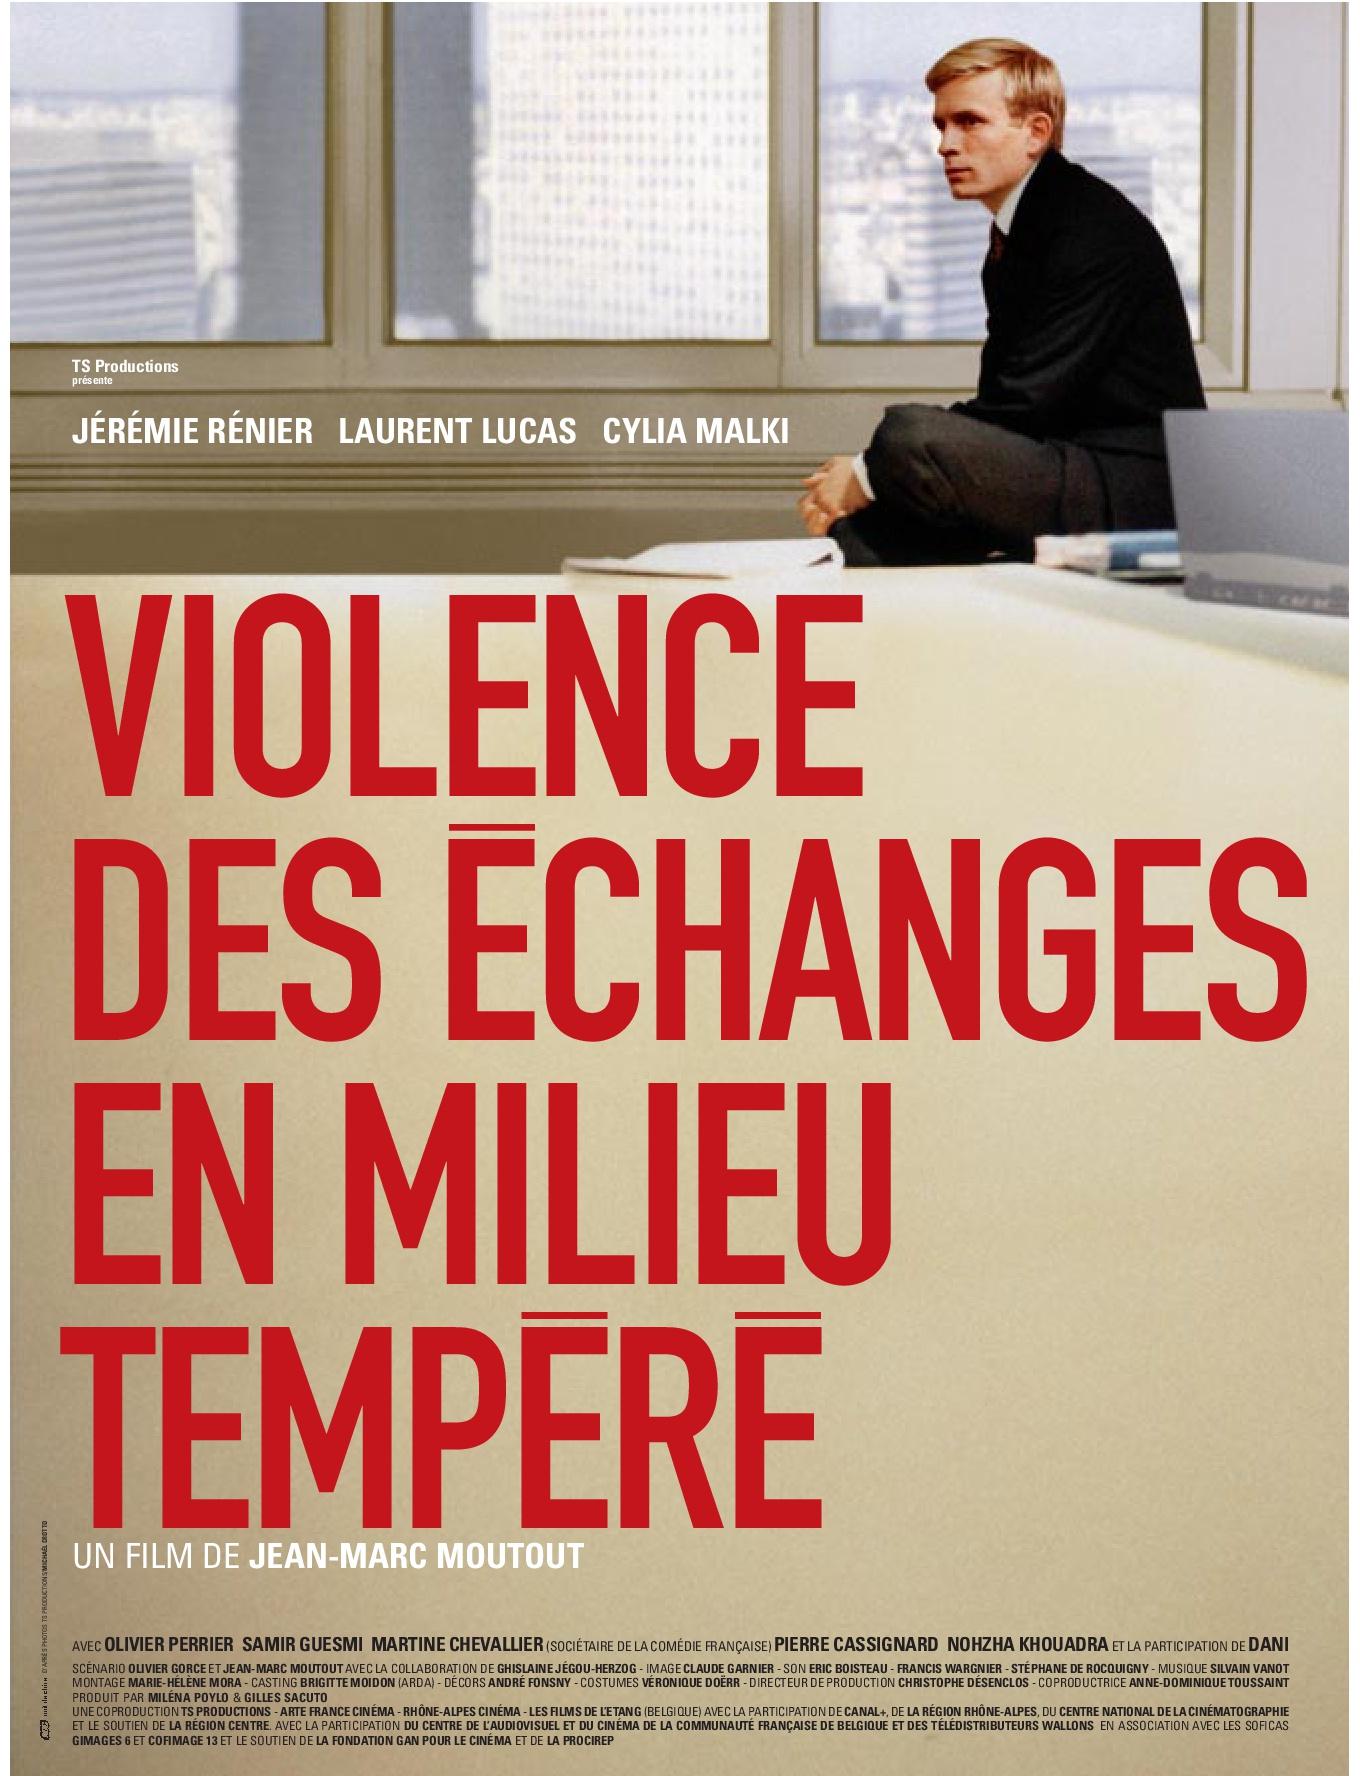 VIOLENCE DES ÉCHANGES EN MILIEU TEMPÉRÉ - Jean-Marc Moutout